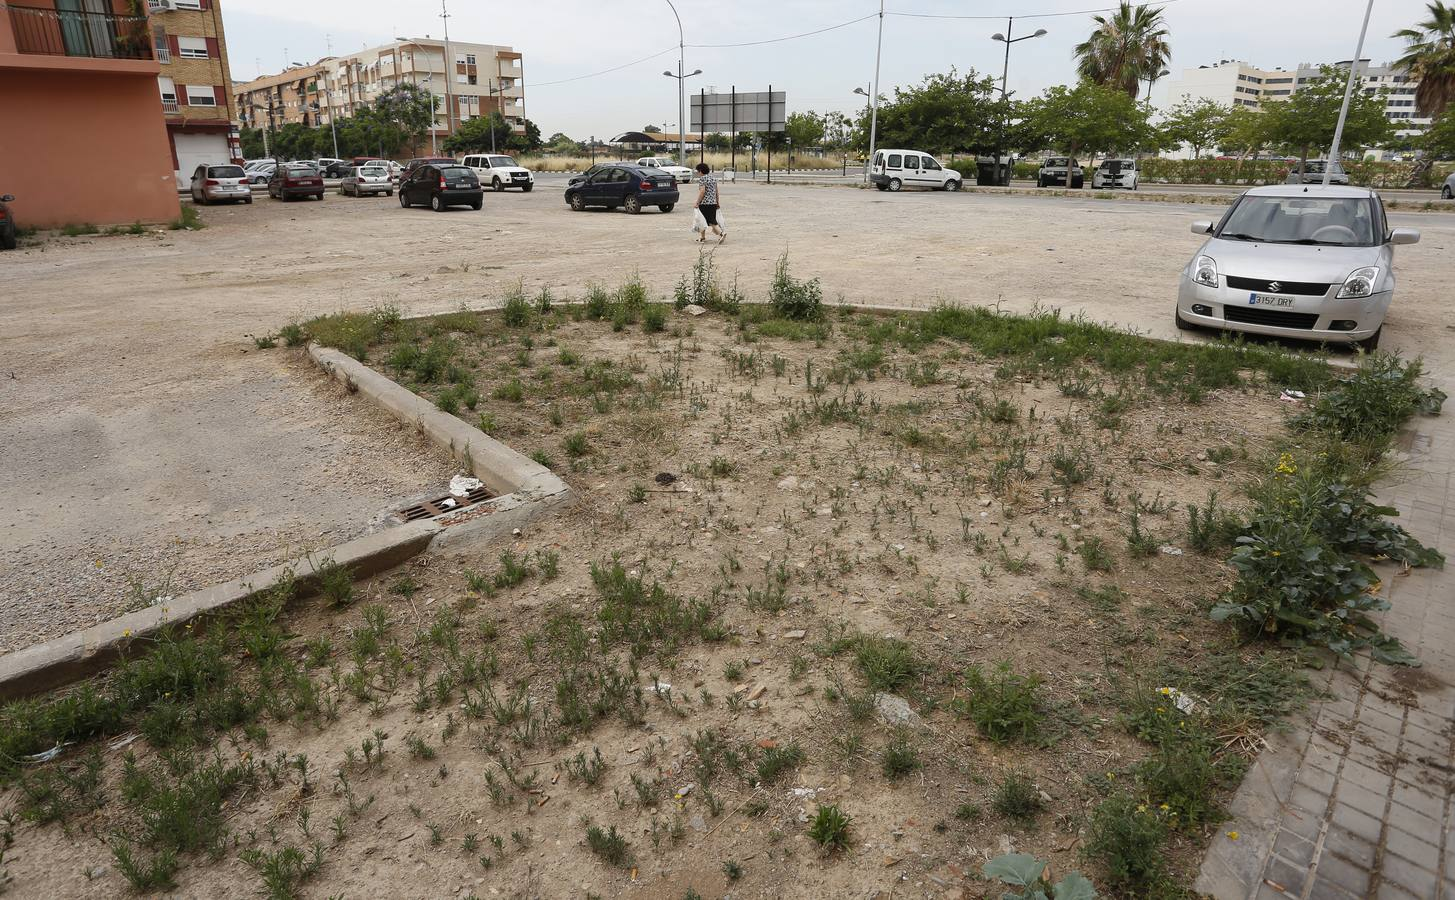 Fotos de la degradación del barrio de Nazaret